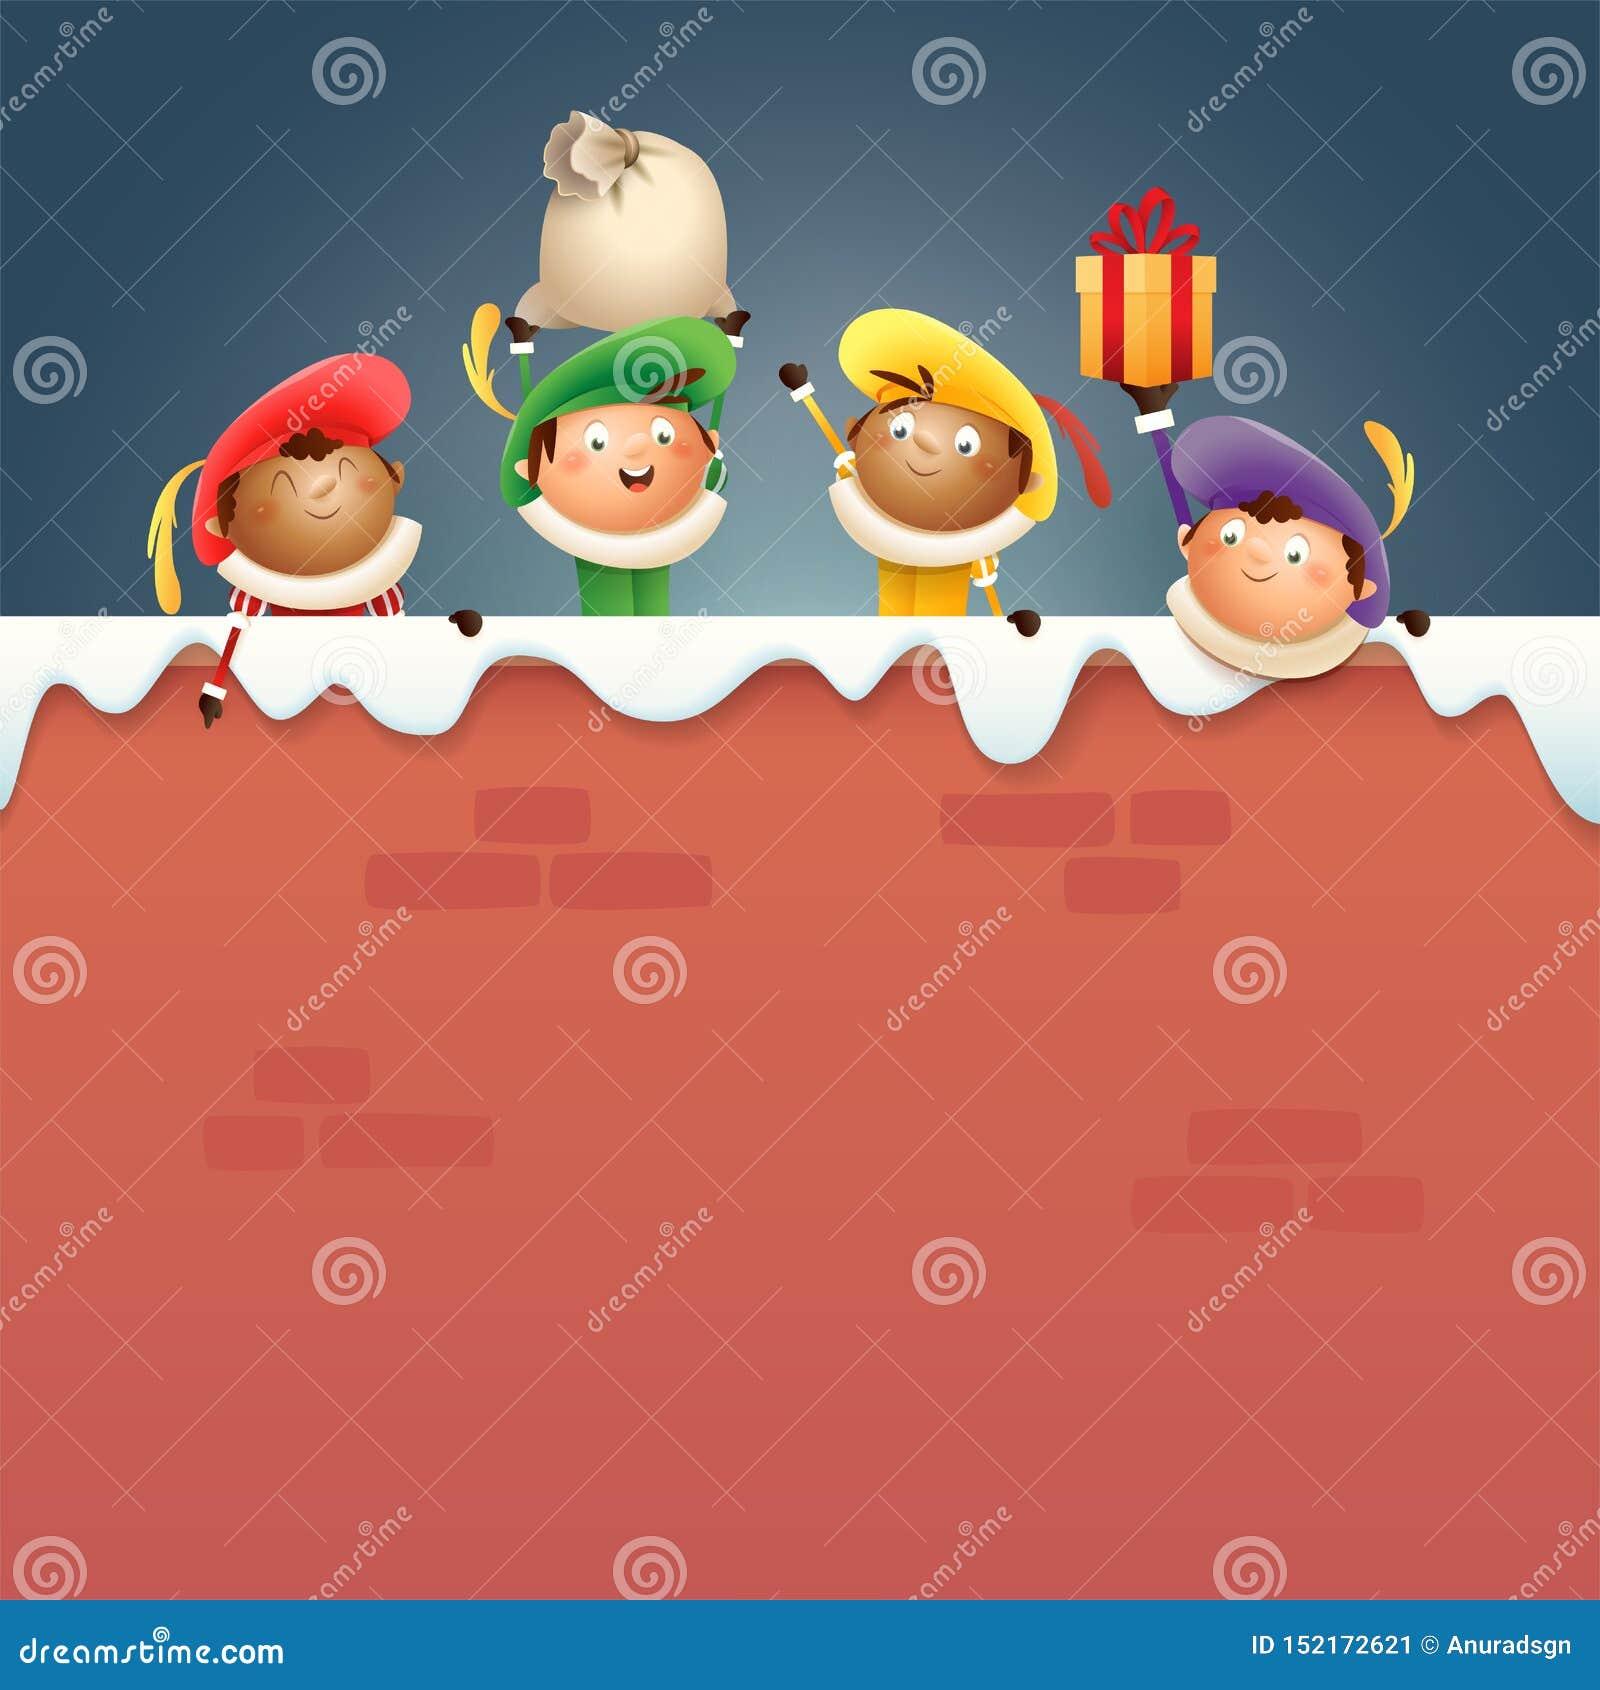 Sintrklaas-Helfer Zwarte Piet an Bord - glückliche nette Charaktere feiern niederländischen Feiertag auf schneebedeckter Wand - d